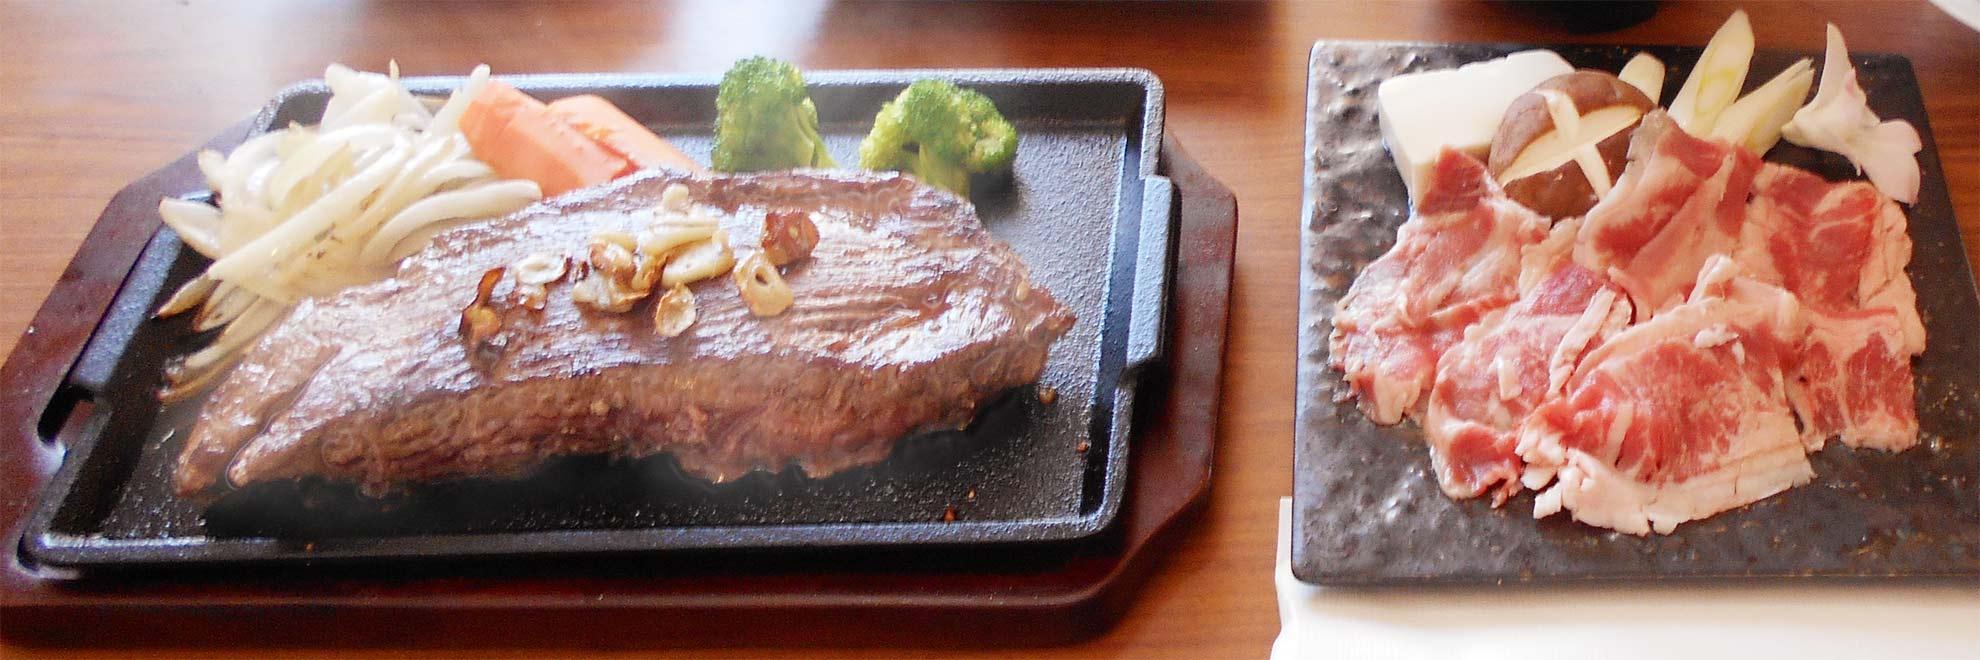 A5ランク牛使用ステーキハウス【海亭汐風】